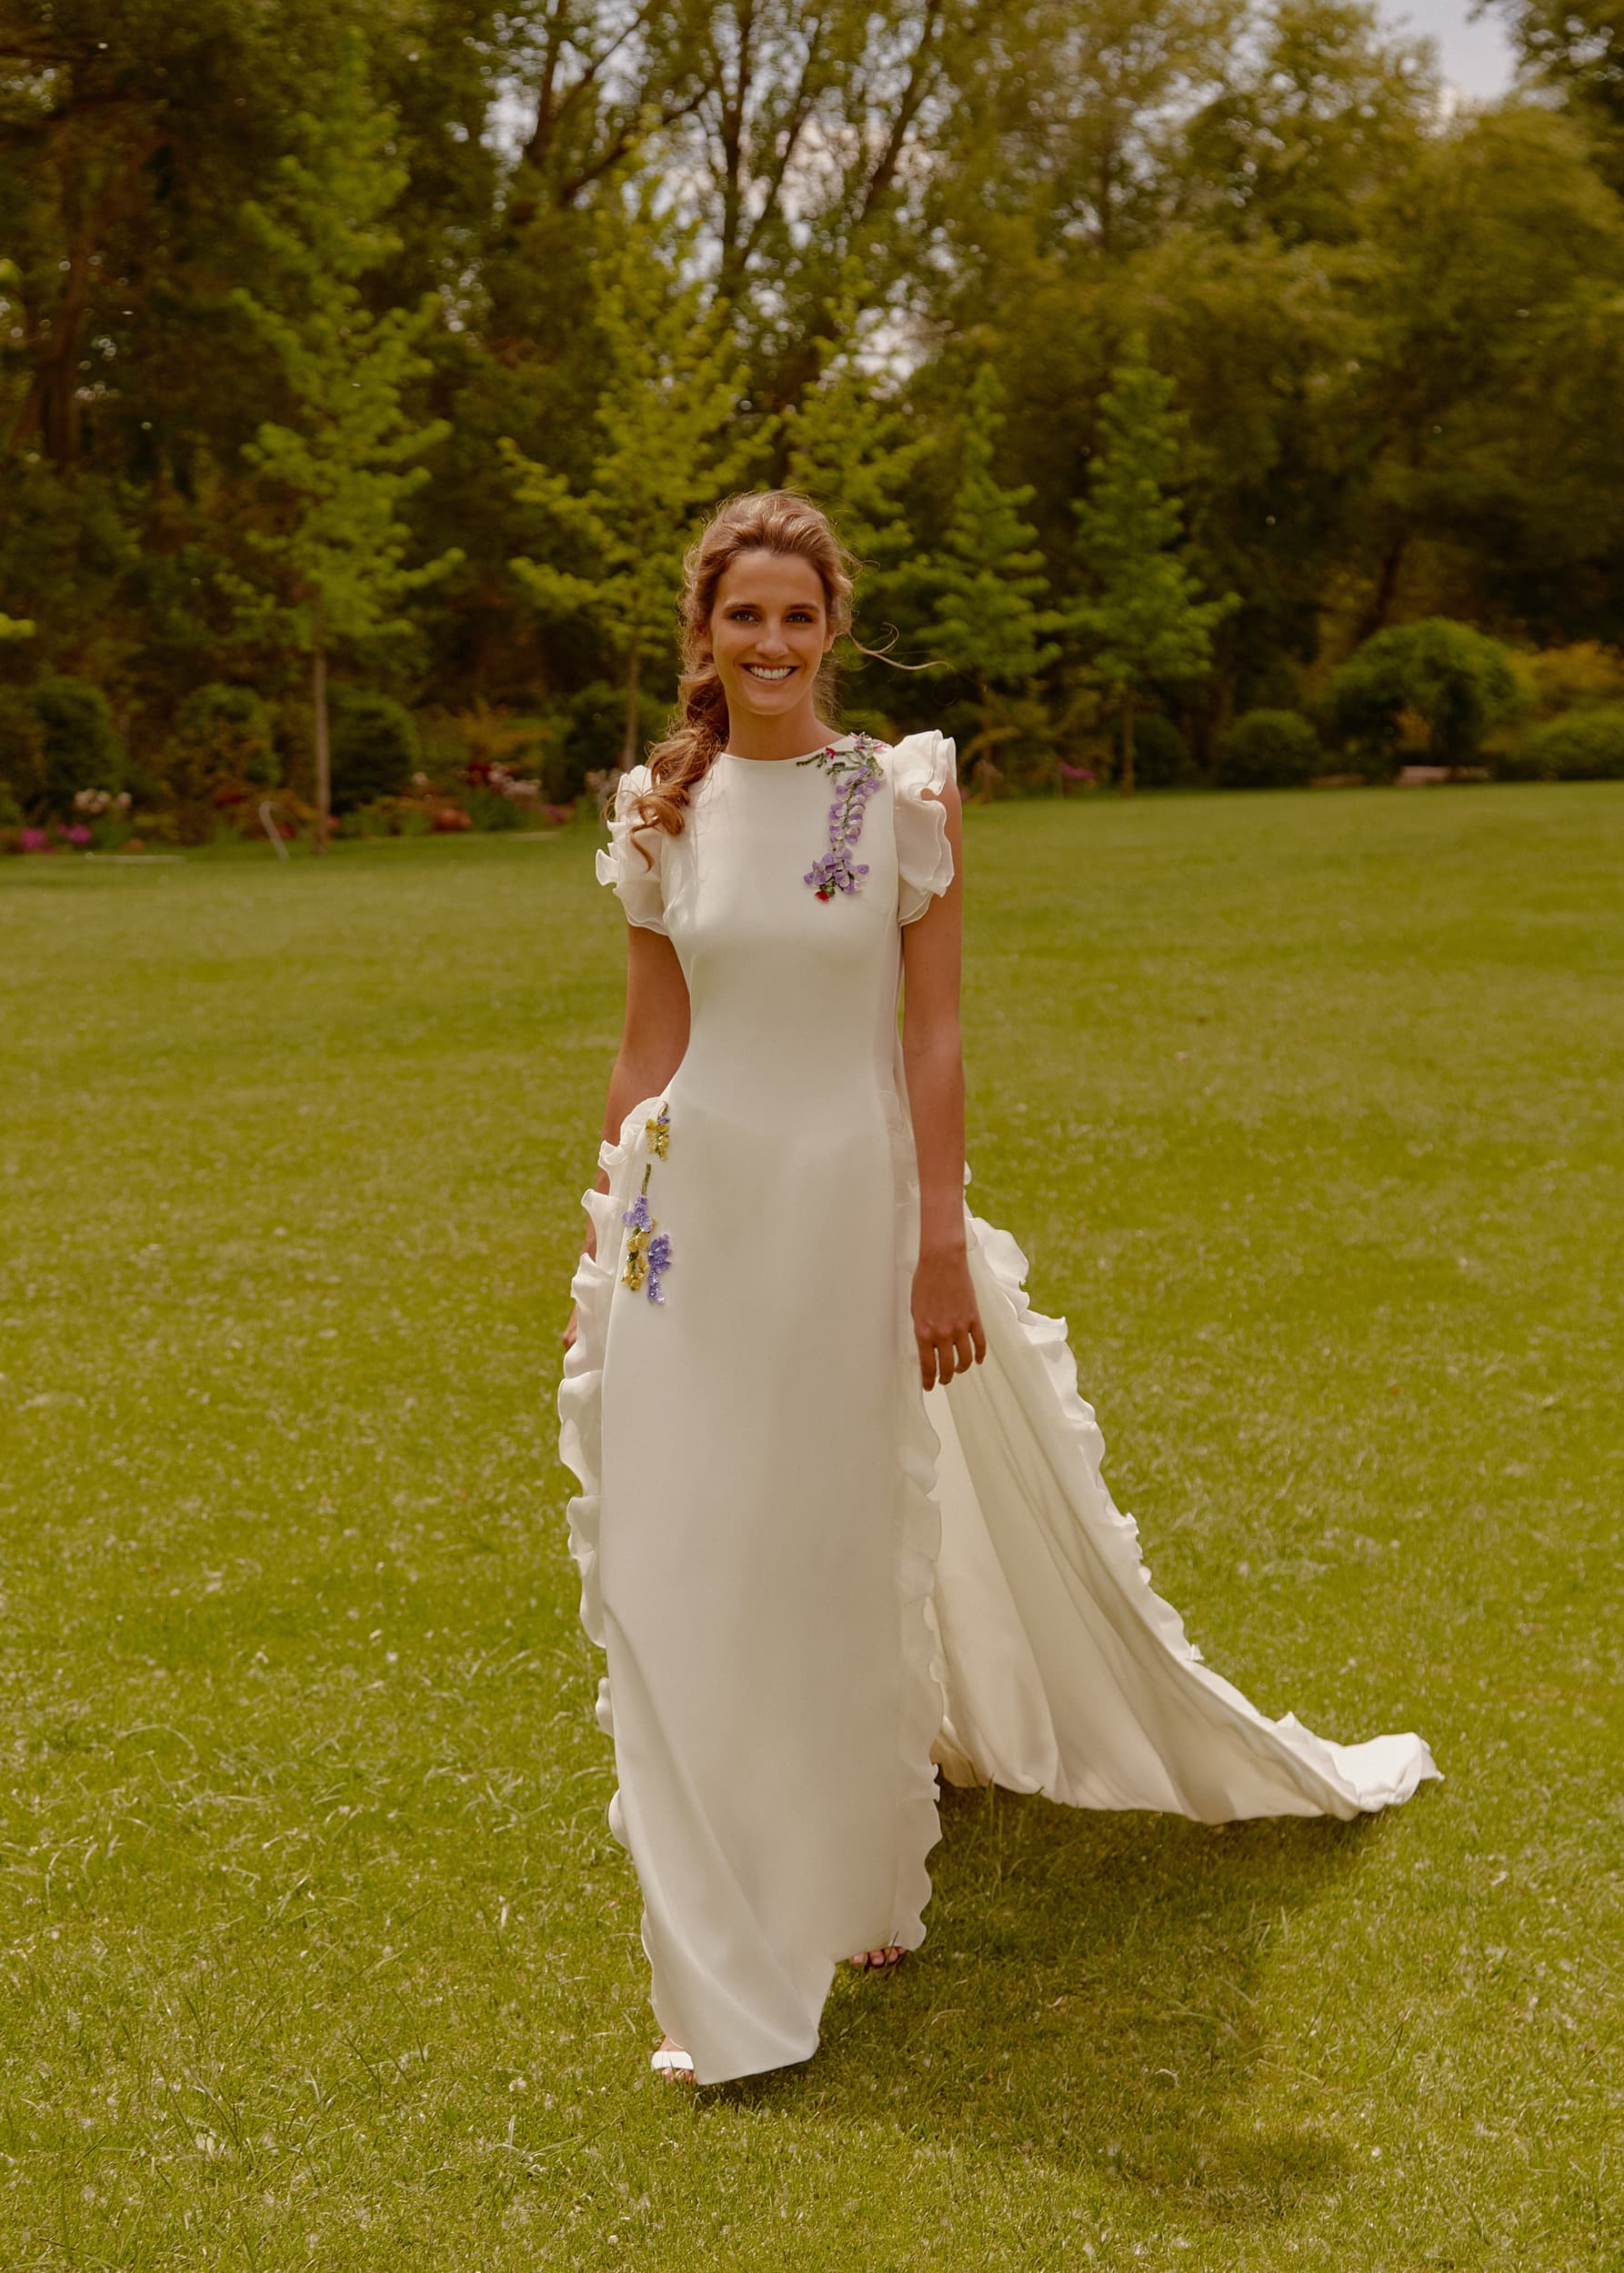 Vestido de novia bordado con flores de Oh que luna 2021